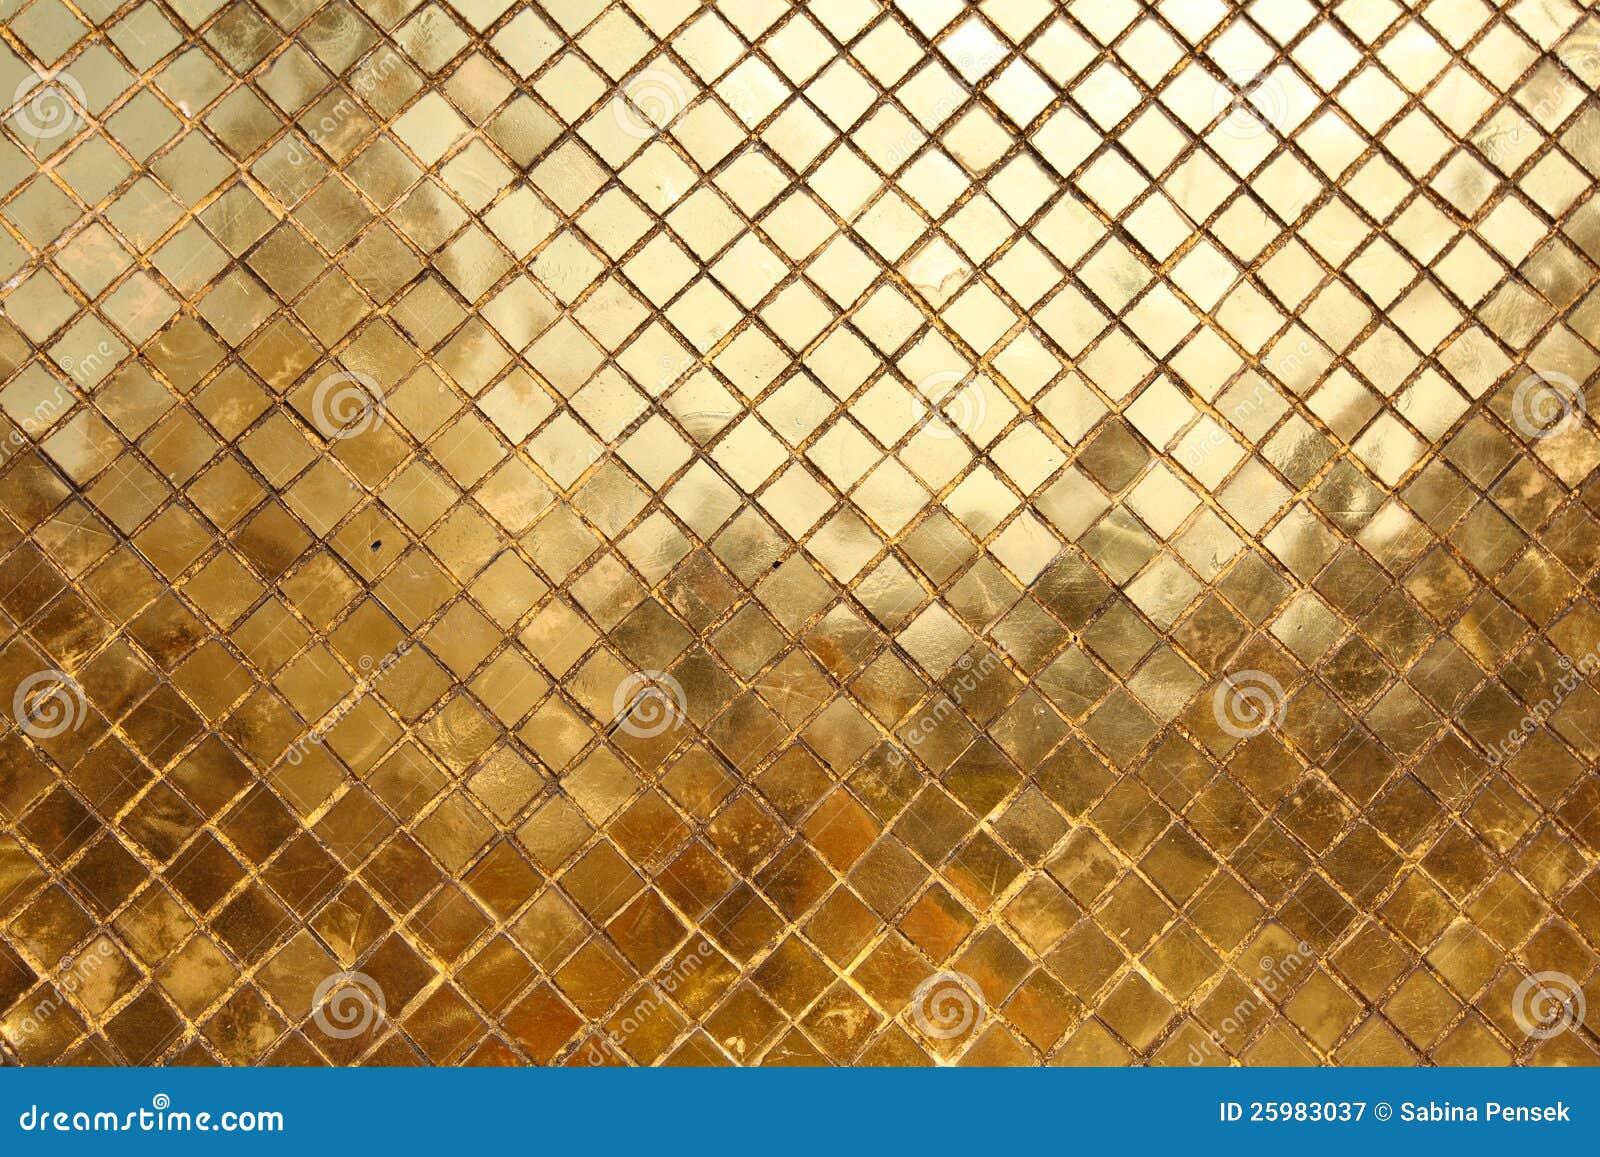 Gouden Mozaiek Tegels : Mozaïek dat van gouden tegels achtergrond wordt gemaakt stock